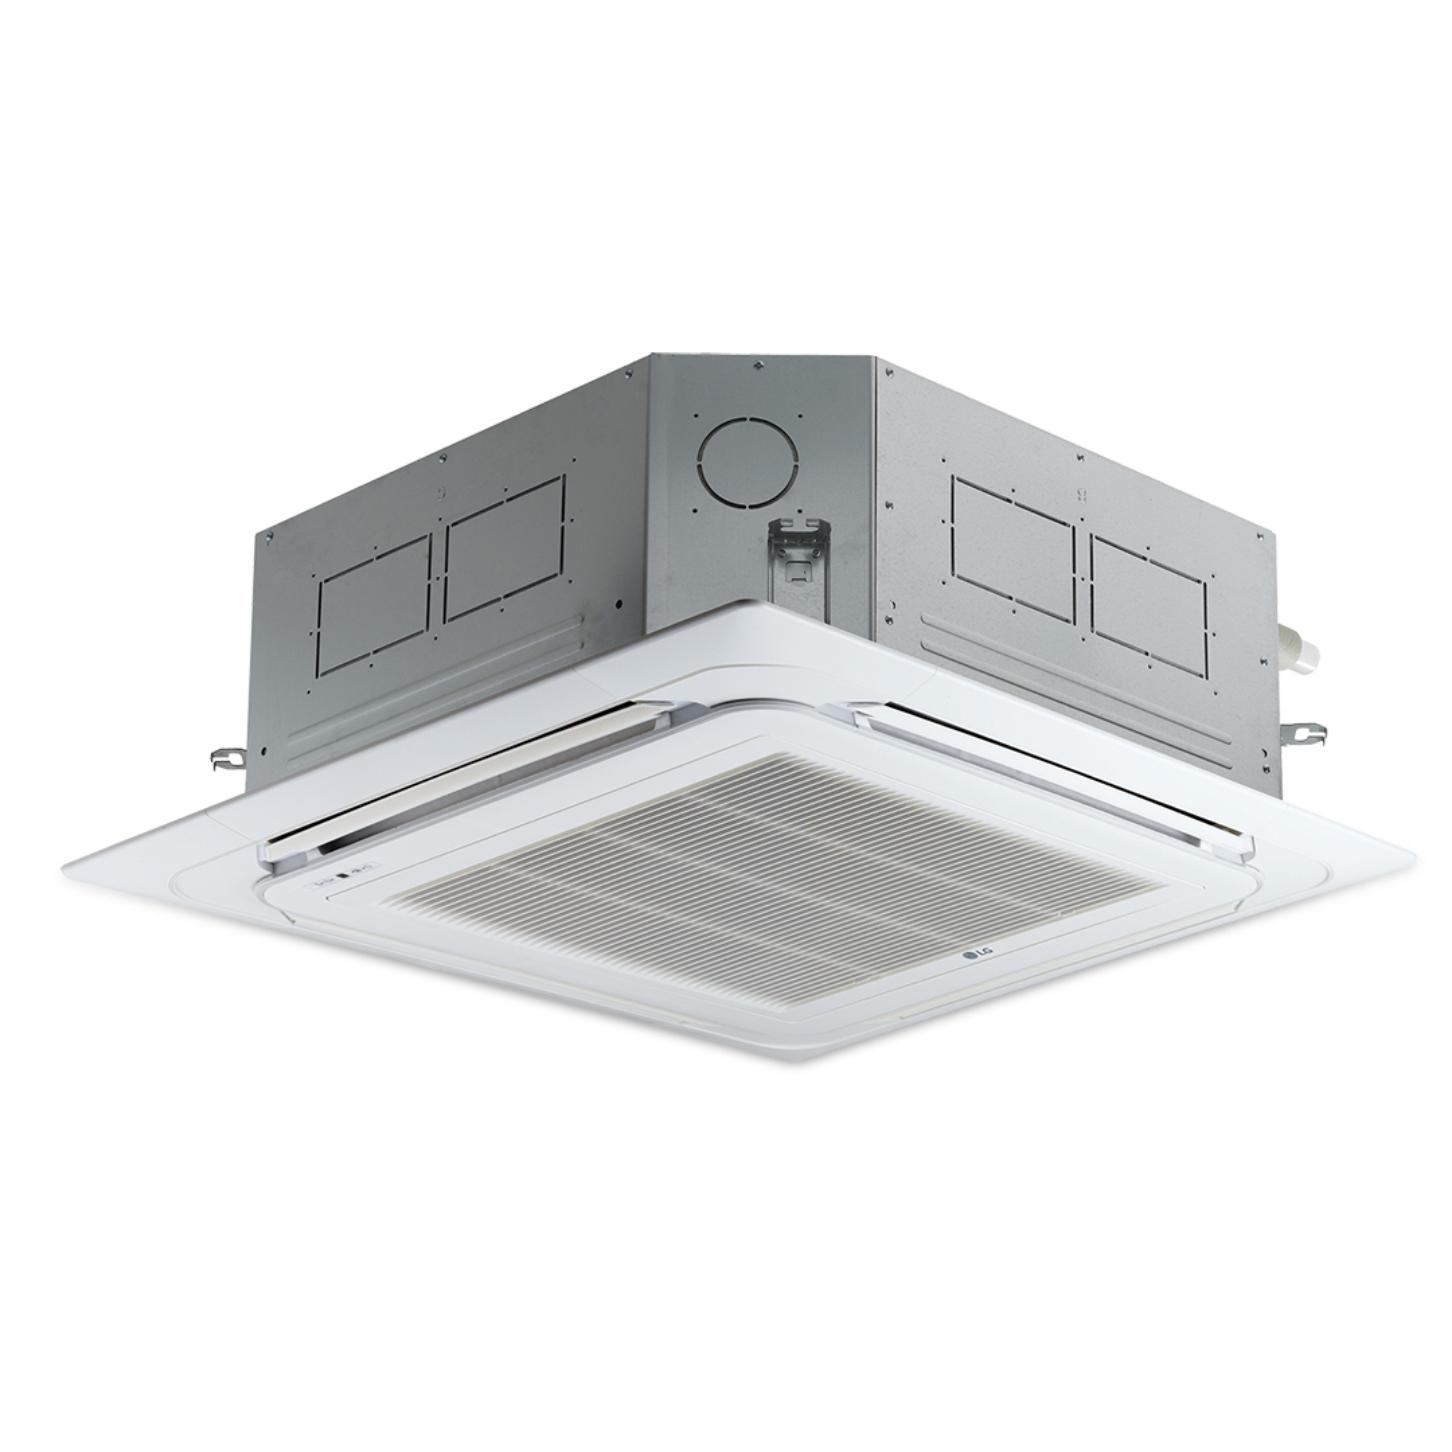 casette unit, ceiling type air conditioner